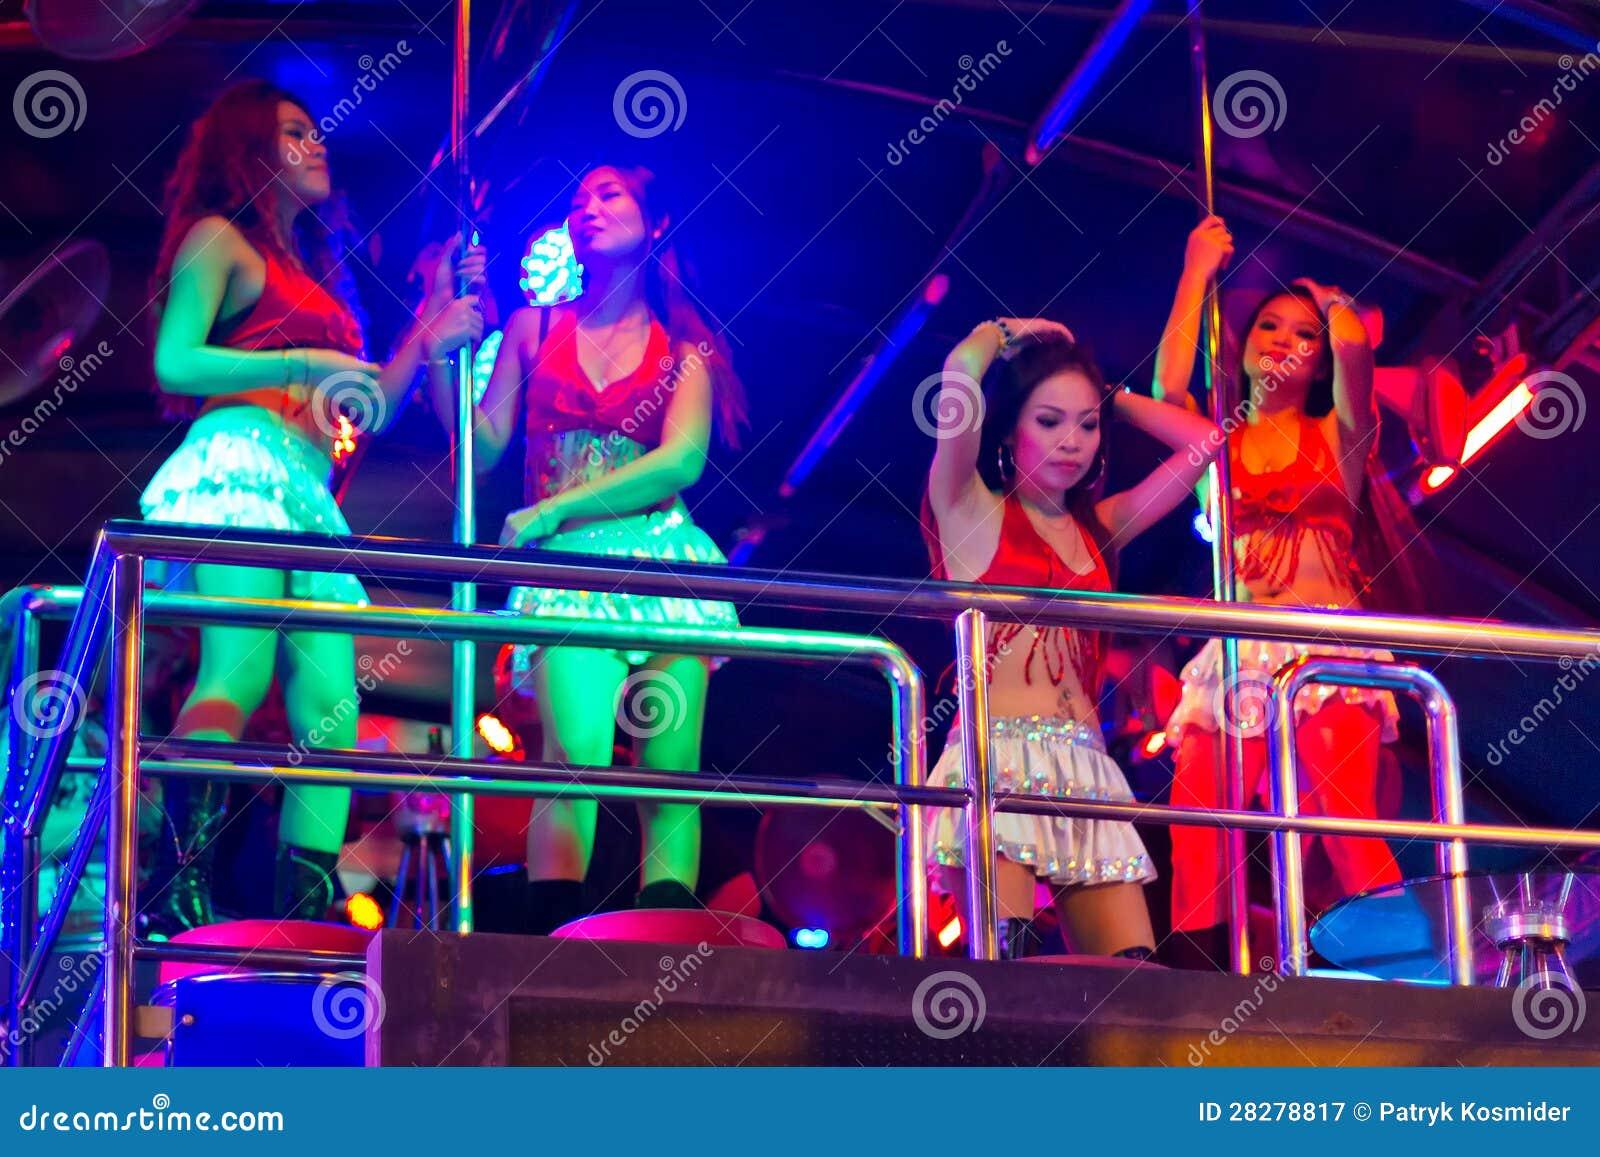 Фото сексуальных девушек в клубах 18 фотография